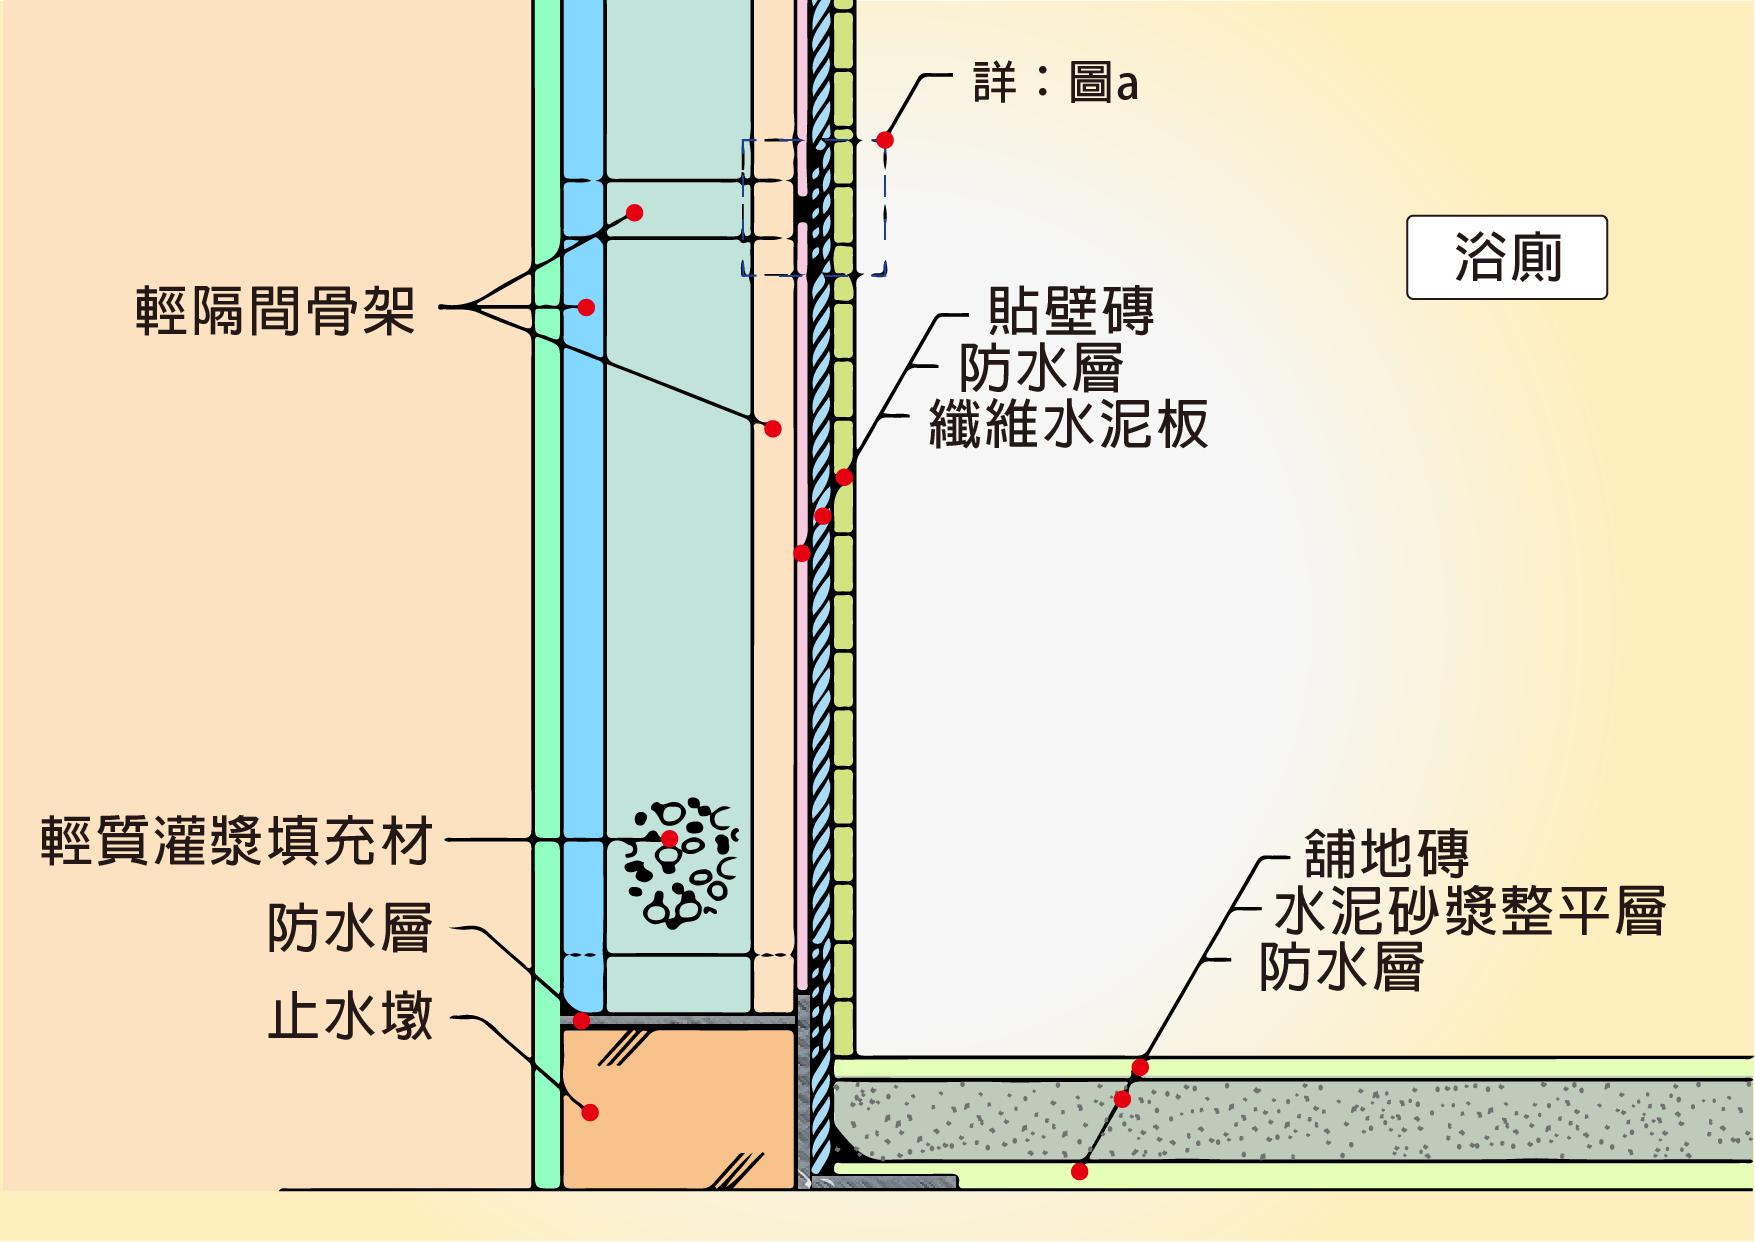 圖2-4-72(圖例二).png